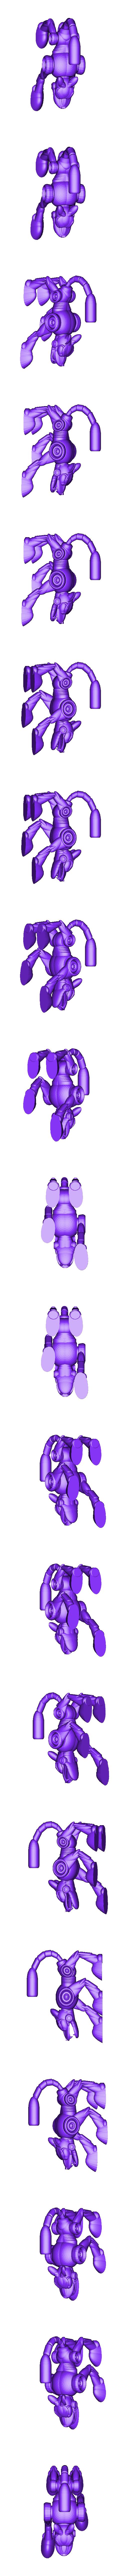 FULL_Dog.stl Download free STL file HOT DOG from MEGAMAN 2 • Design to 3D print, LittleTup